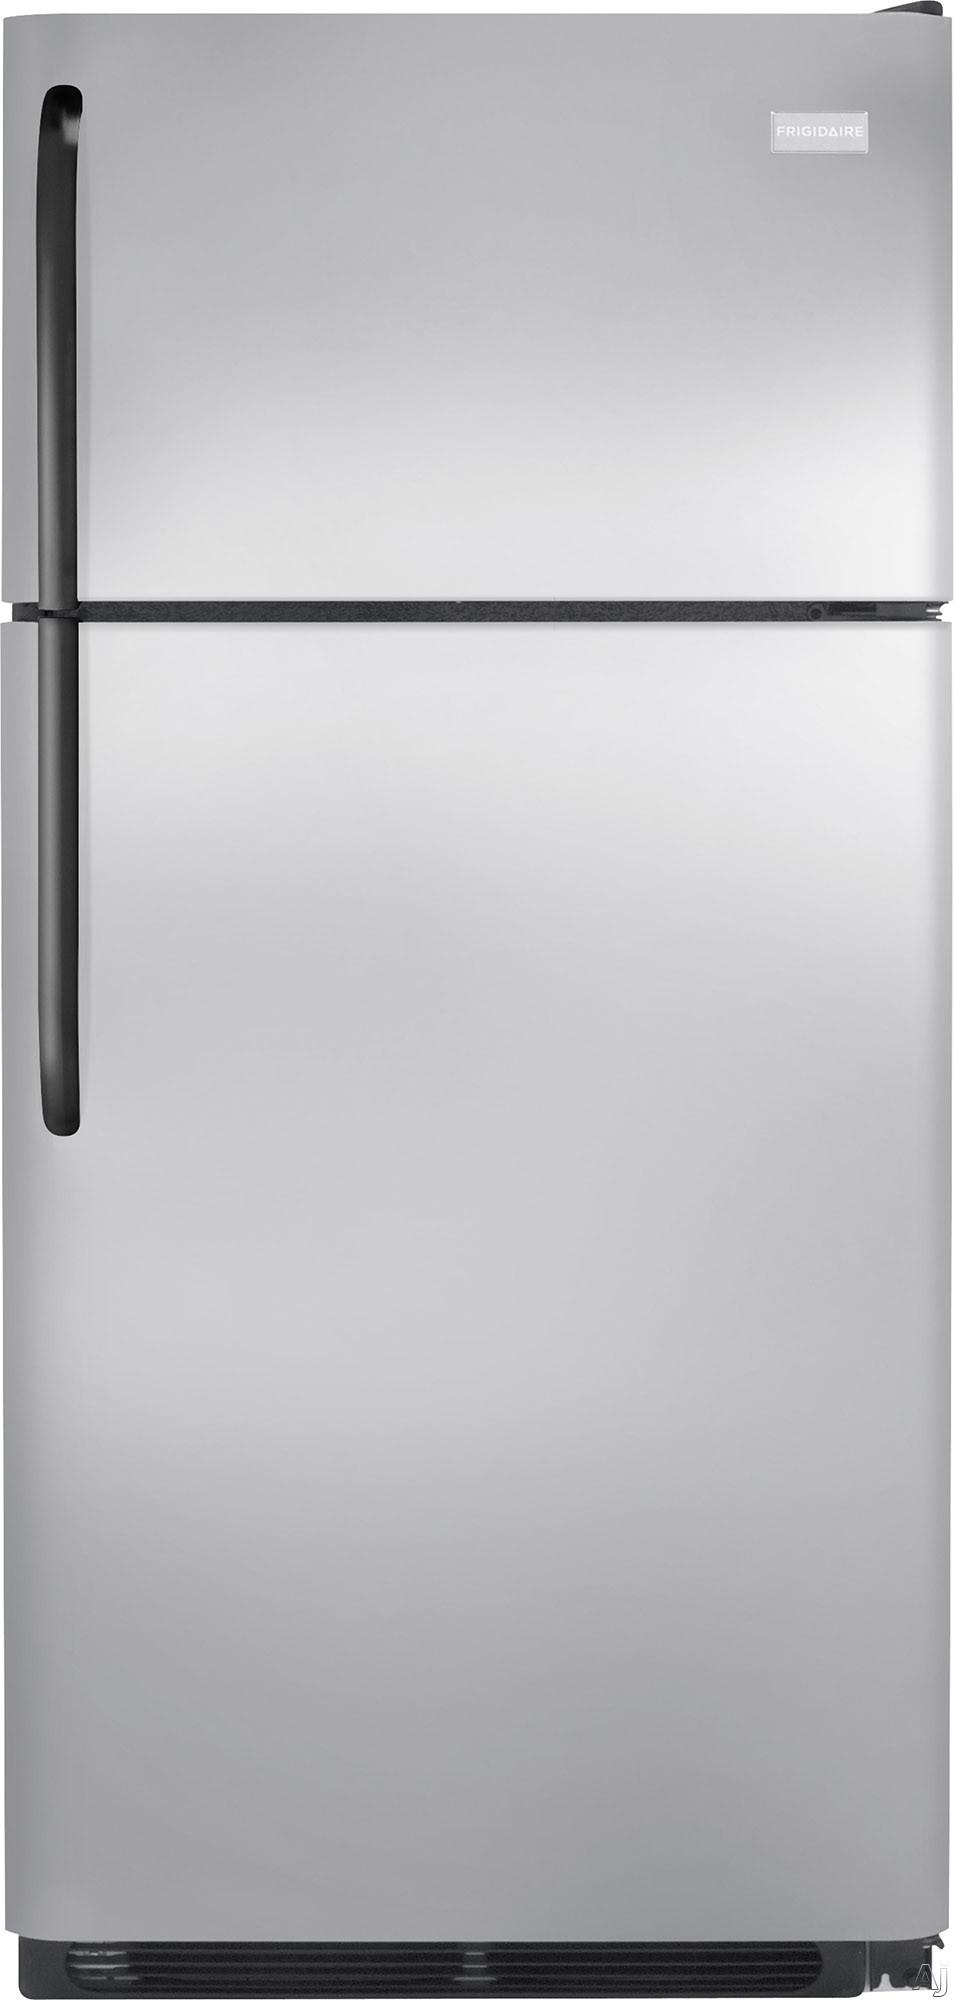 Maytag Microwave Handle